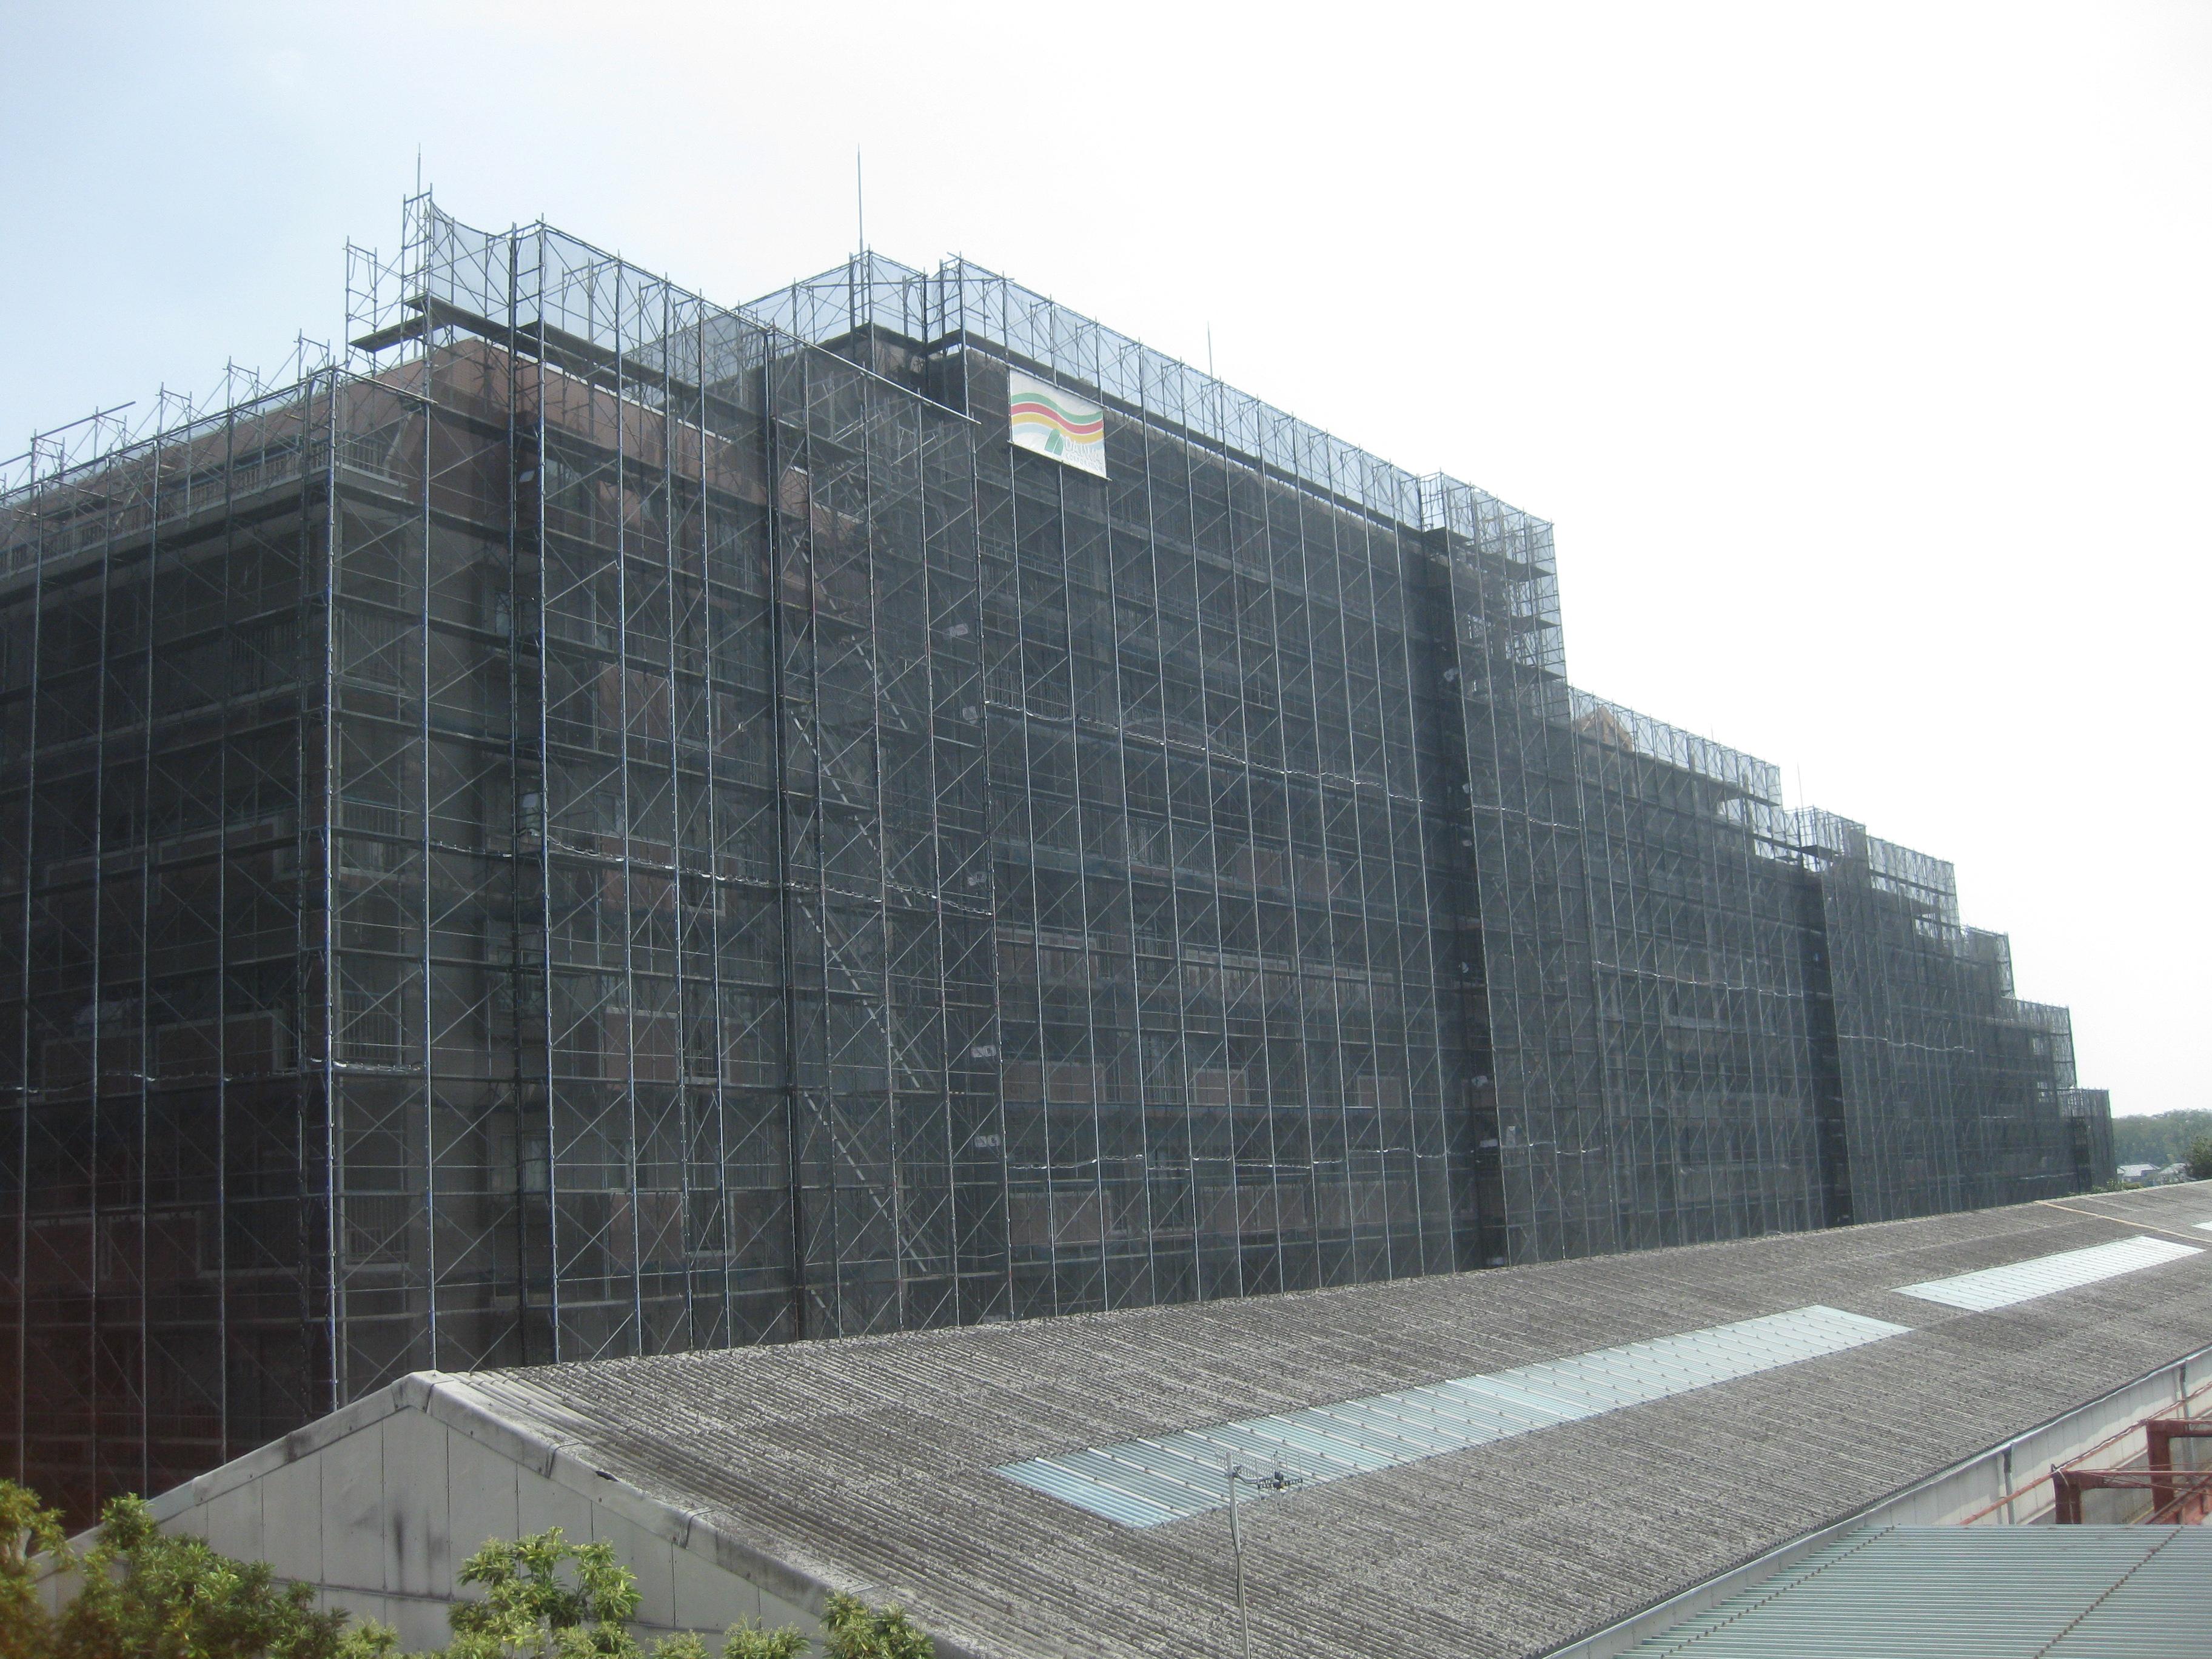 ロータリーパレス藤沢 大規模修繕工事